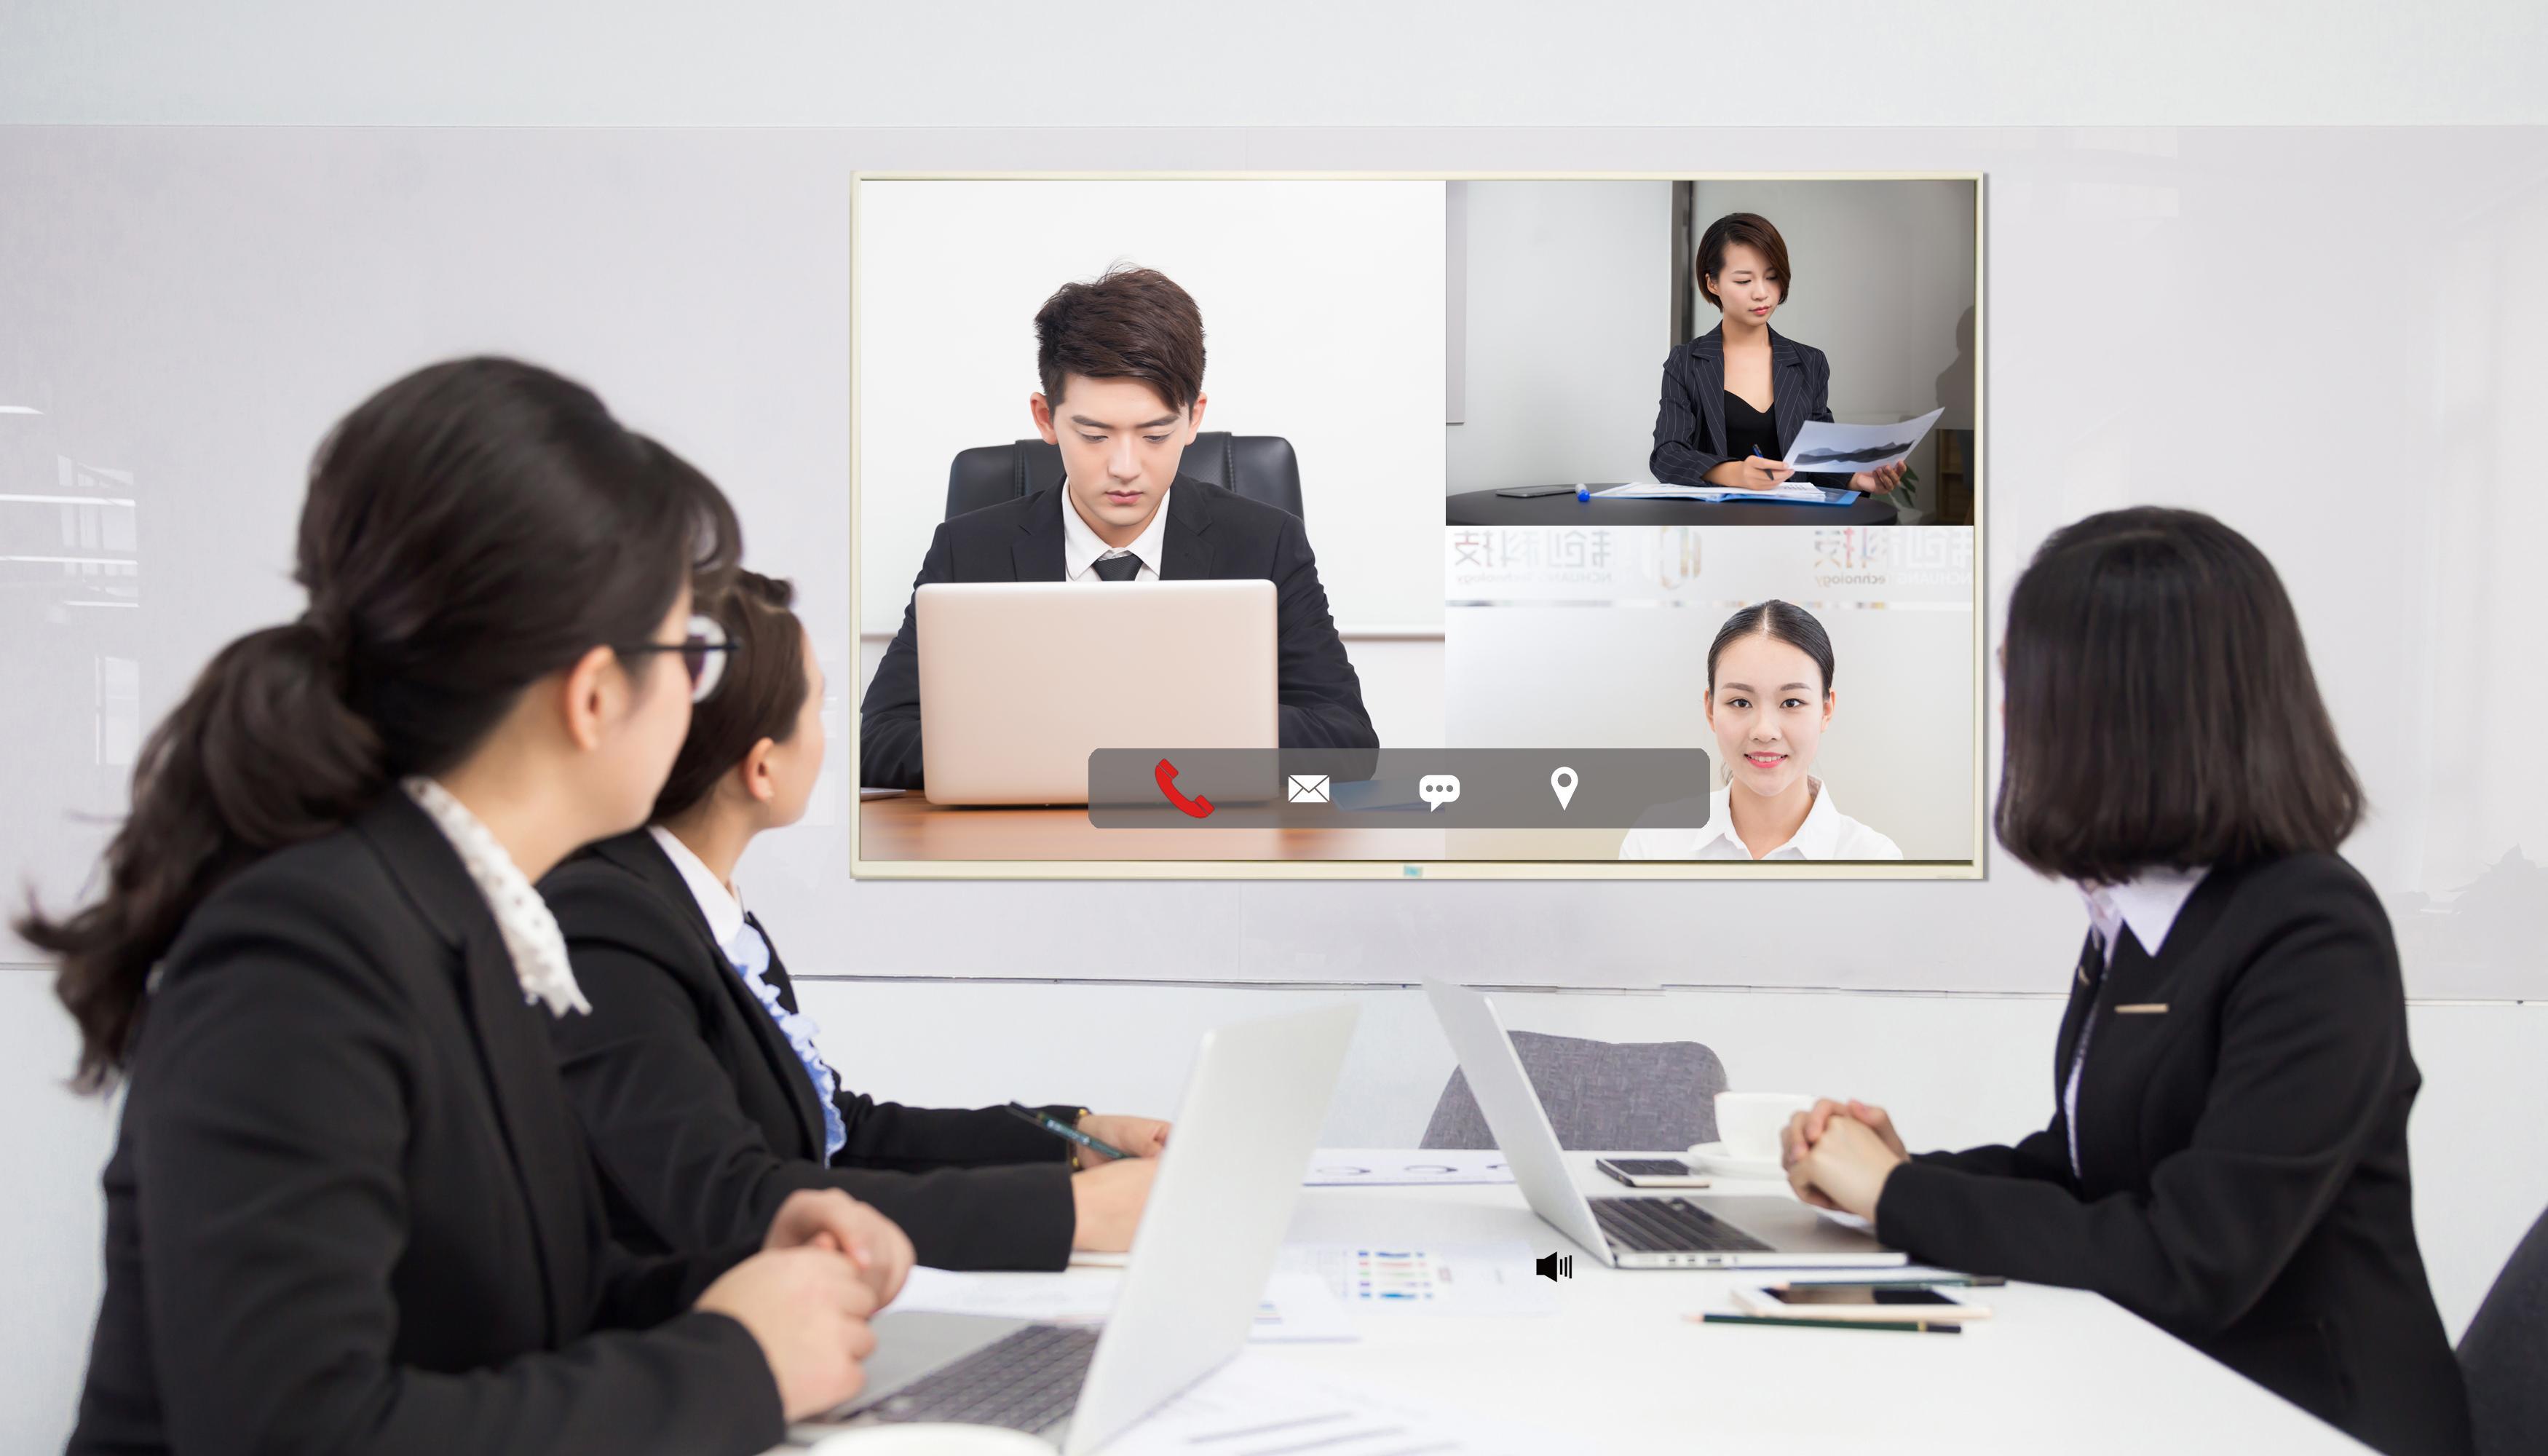 云视频会议的优势有哪些-视频会议的特点是什么?